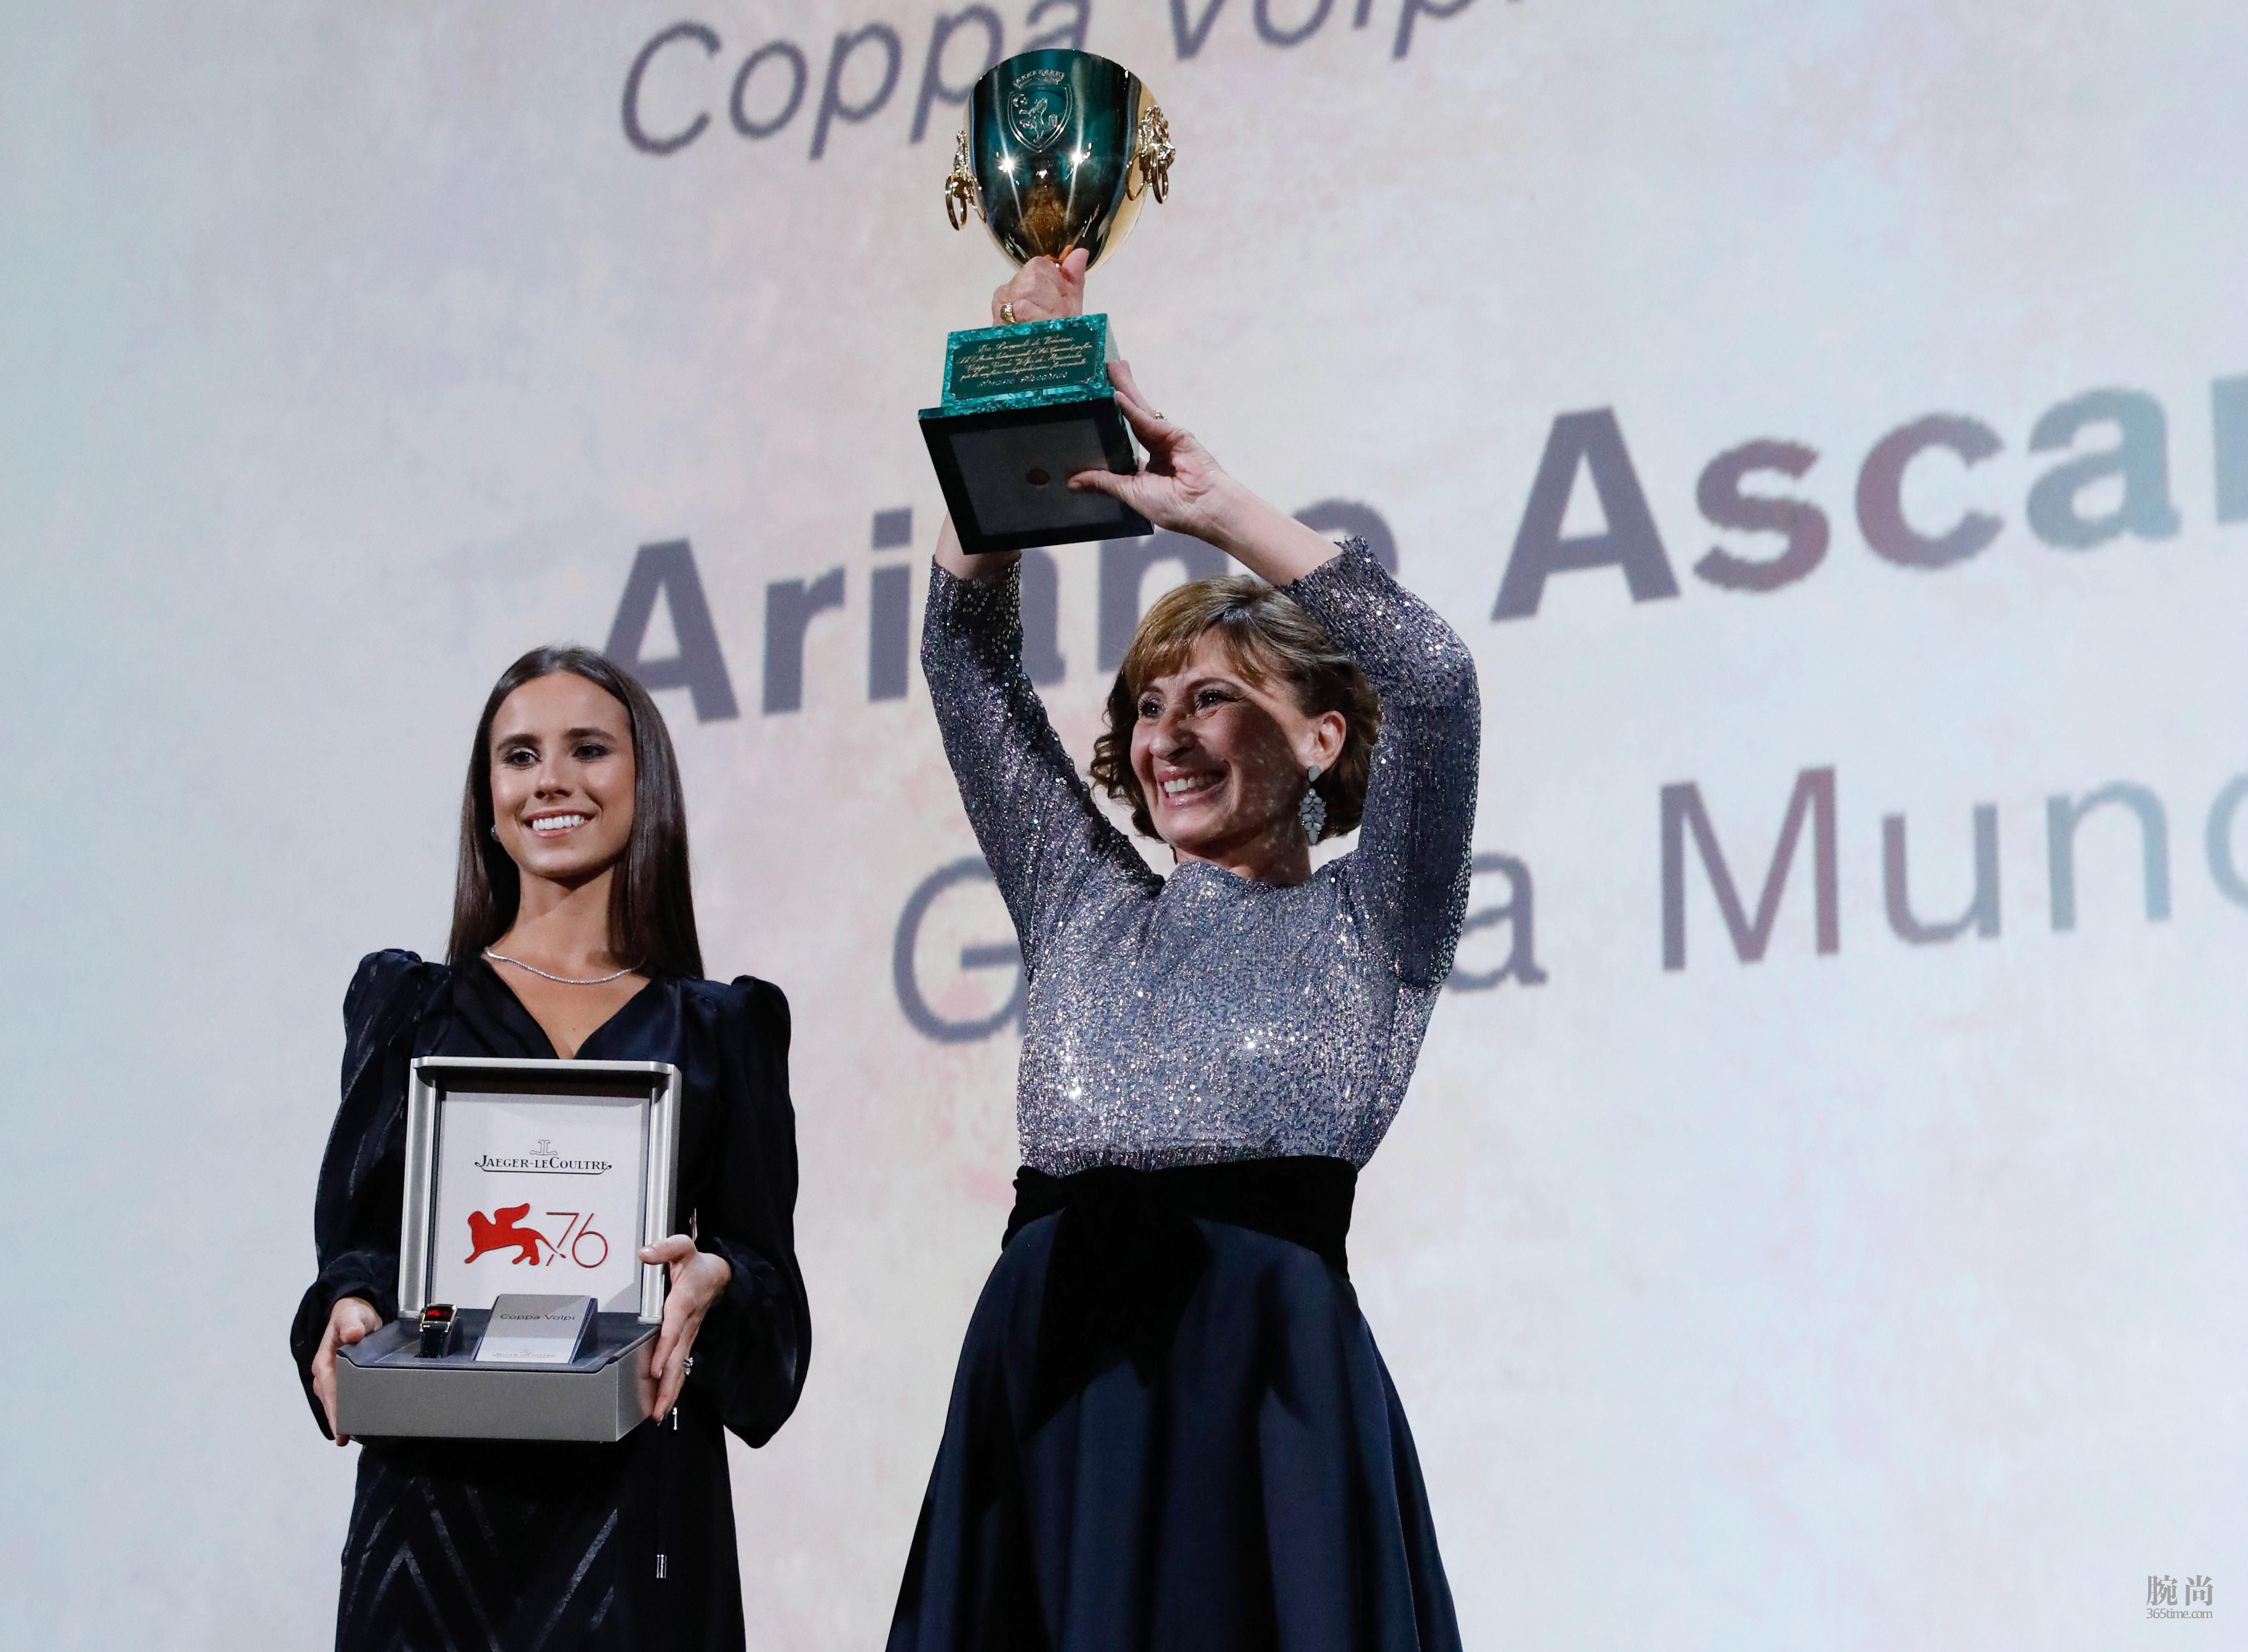 阿丽亚娜•阿斯卡里德(Ariane Ascaride)荣获年度最佳女演员奖.jpg